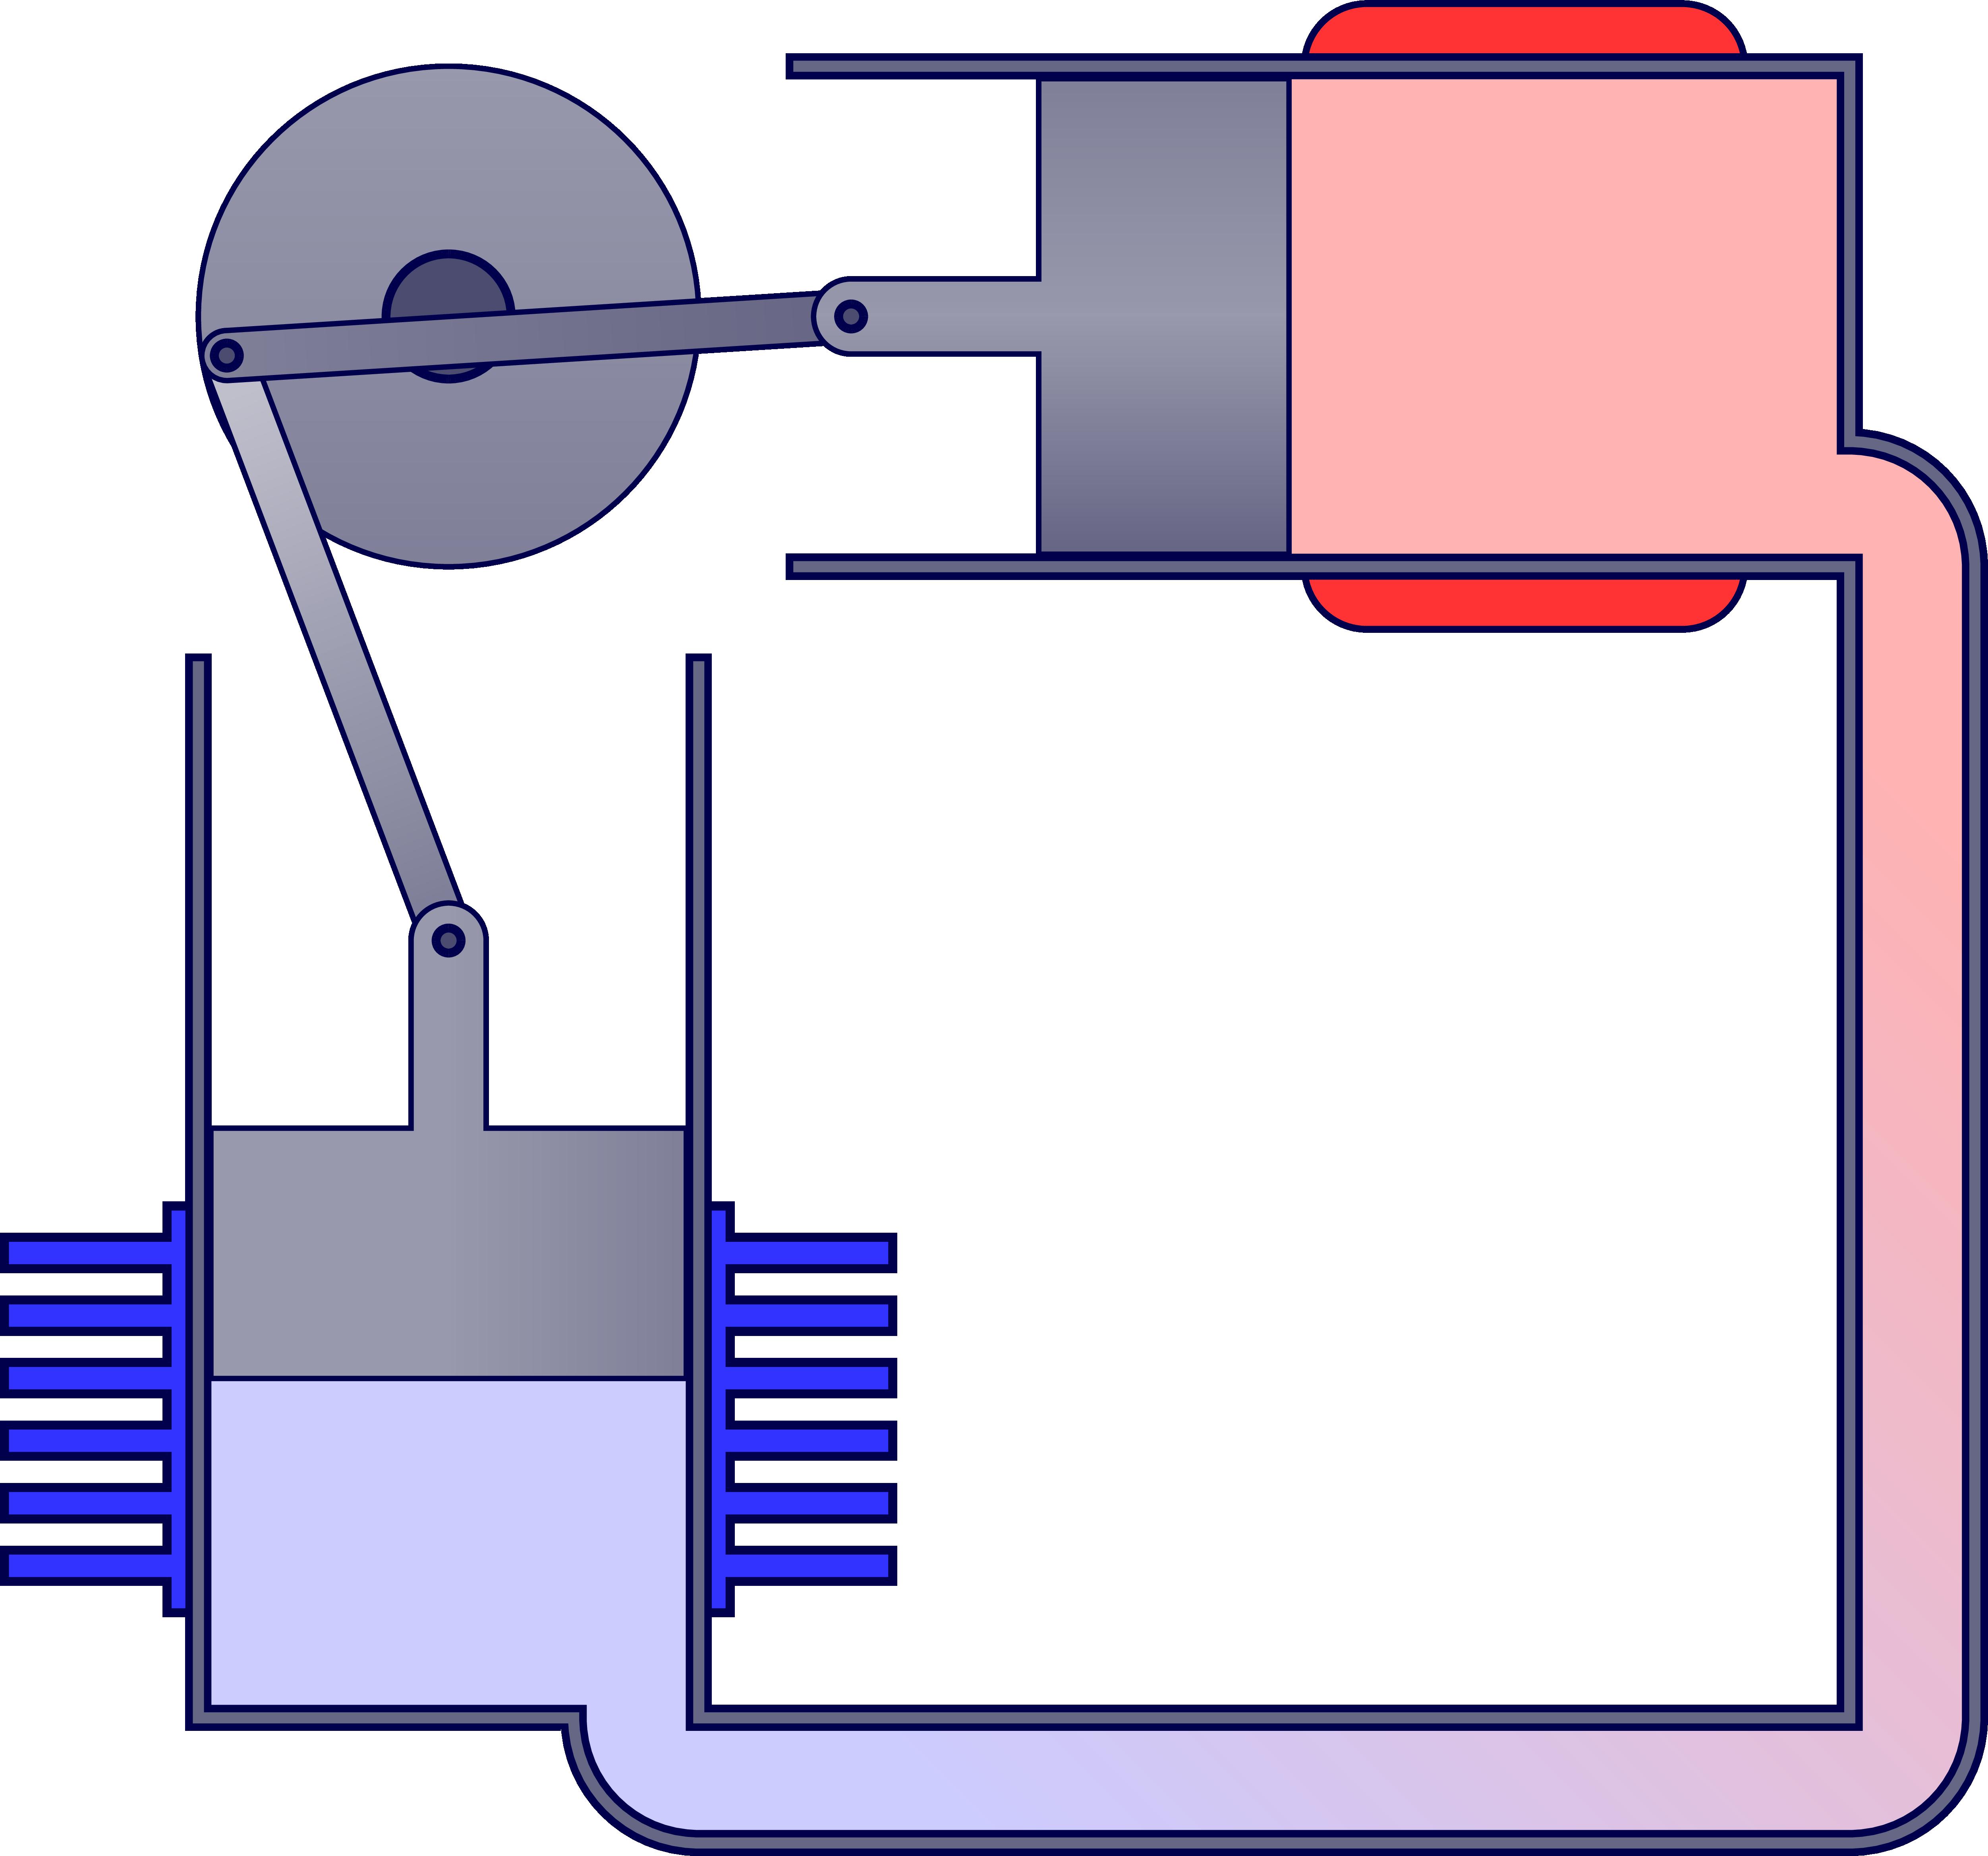 engine_stirling_alpha-004.png